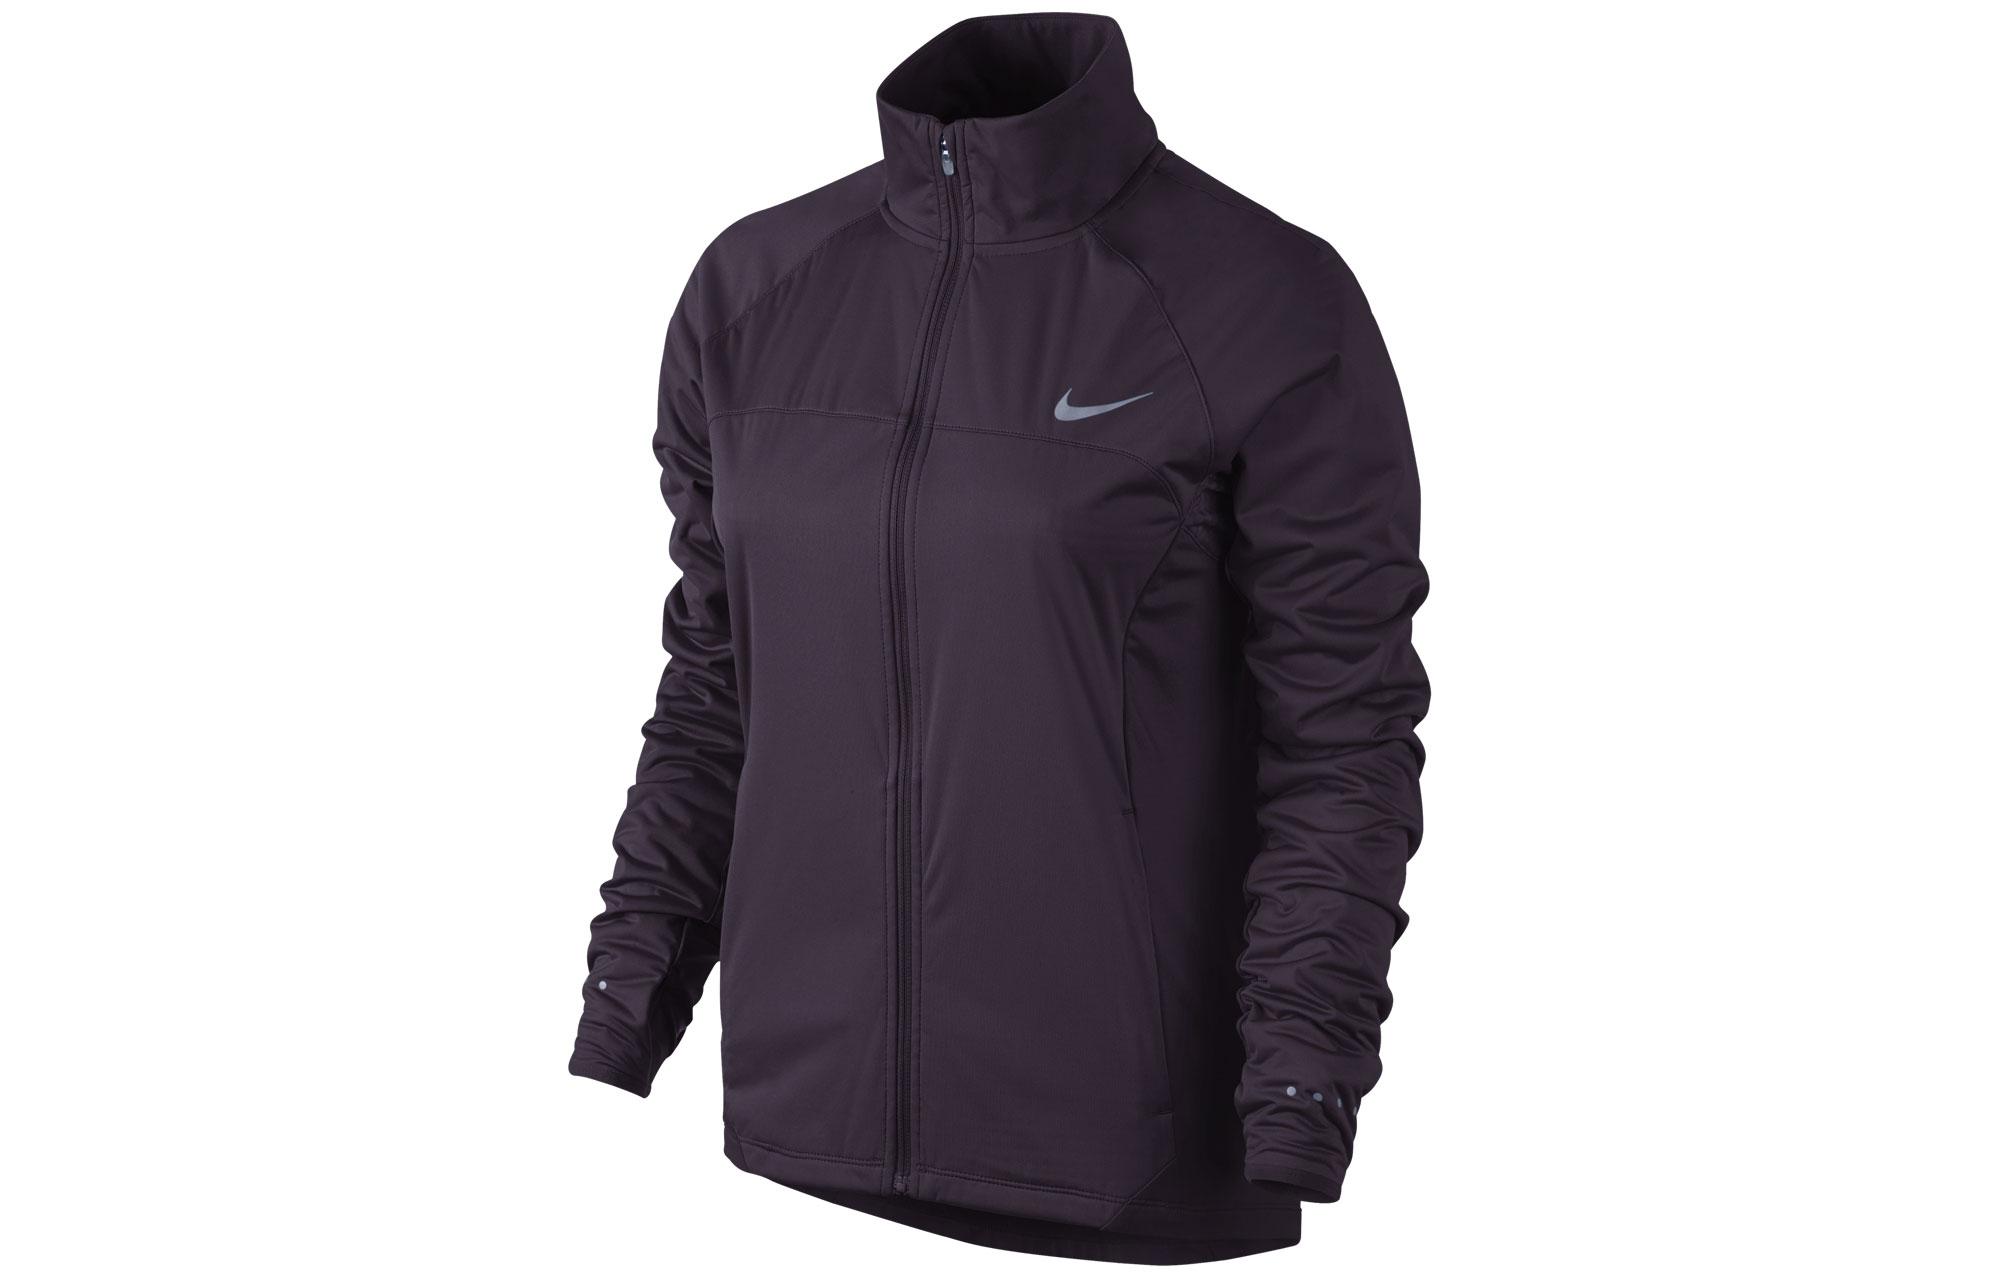 NIKE Jacket SHIELD 2.0 Purple Women  7ec1132a9